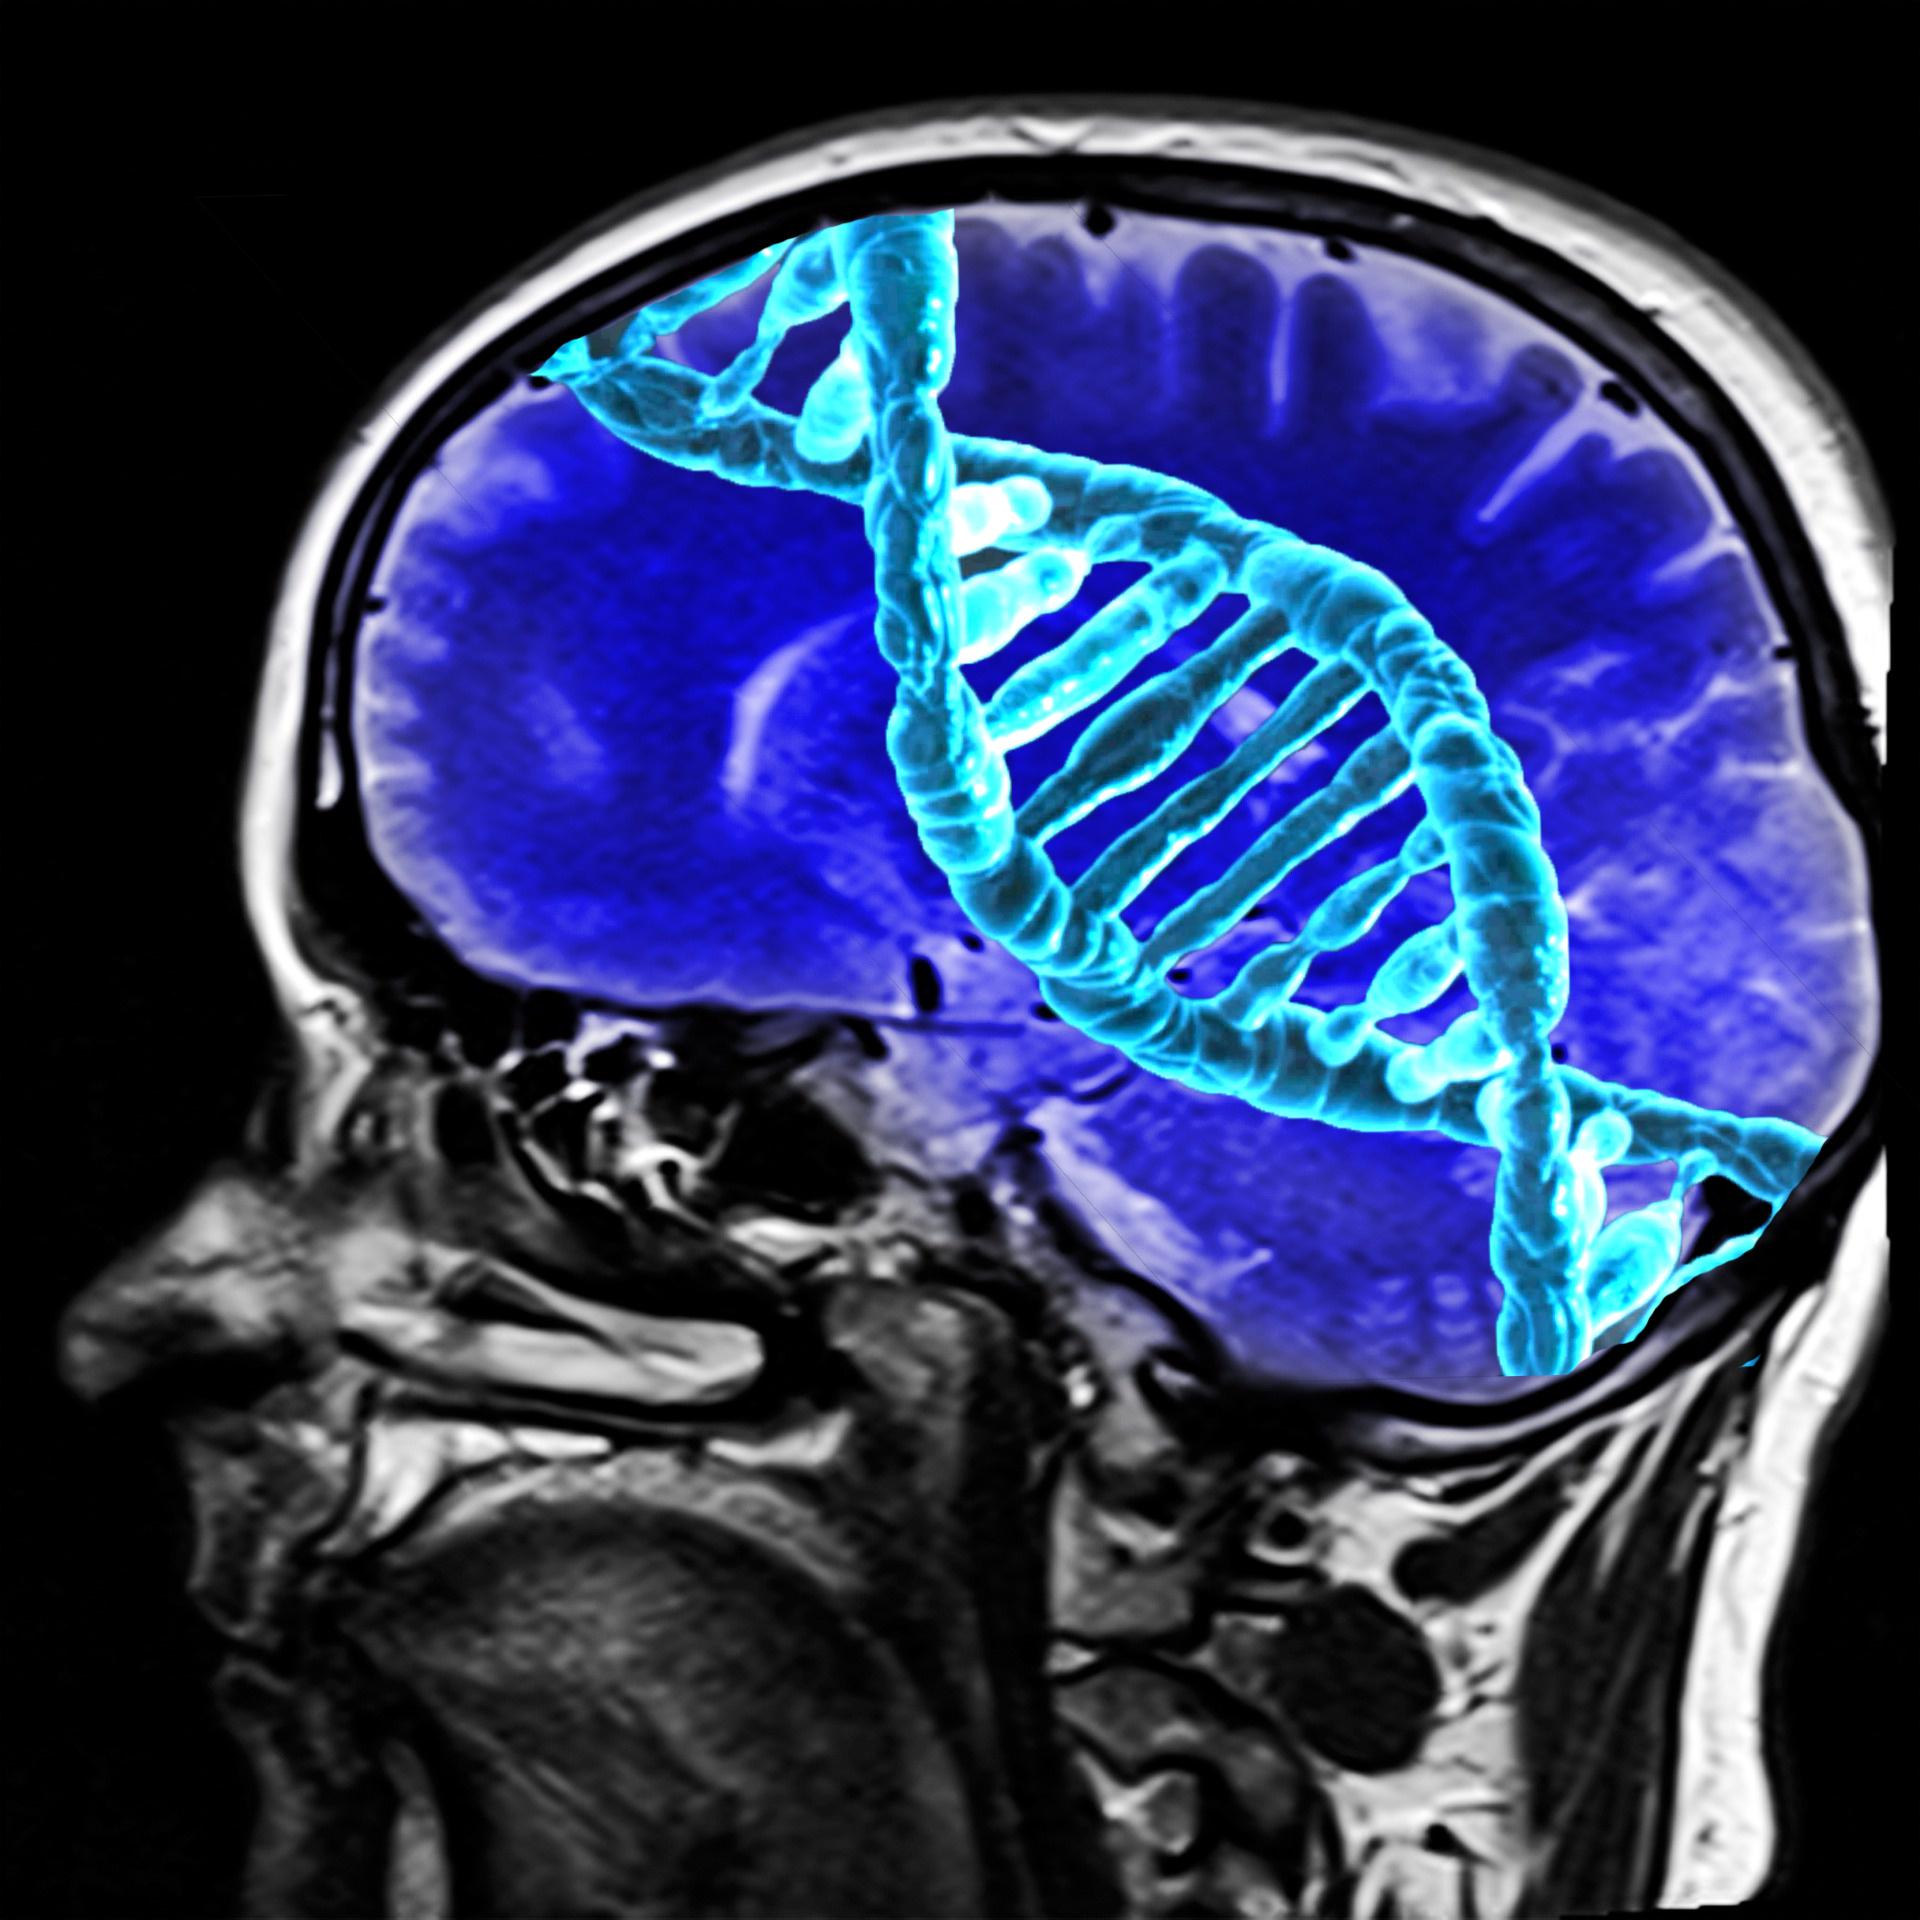 dna-brain